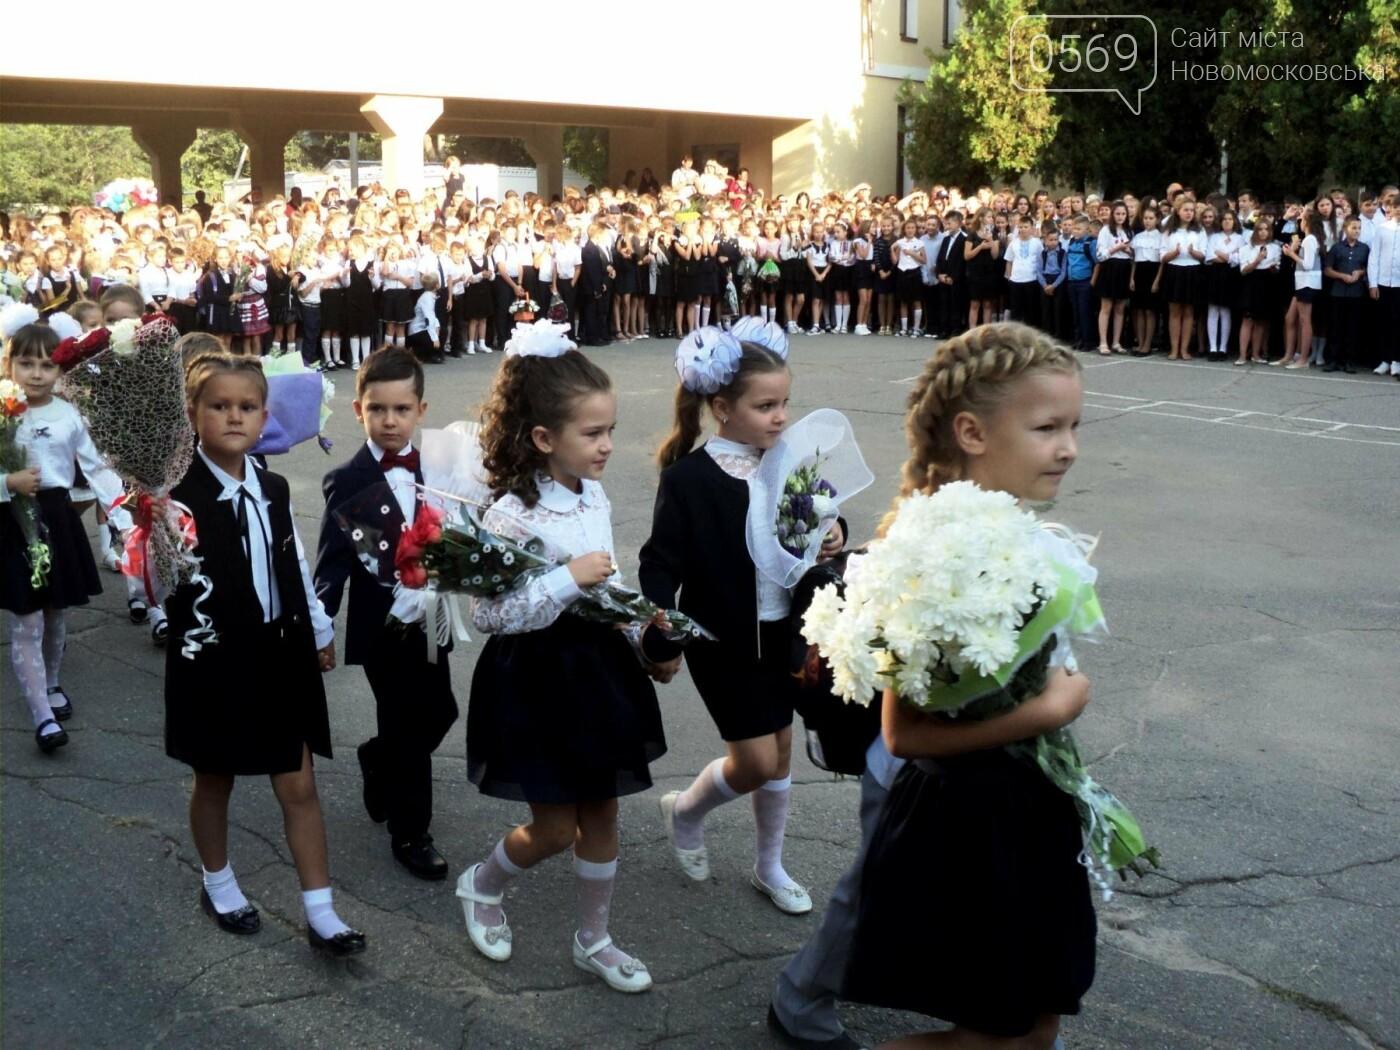 В новомосковських школах пройшли урочисті лінійки, фото-1